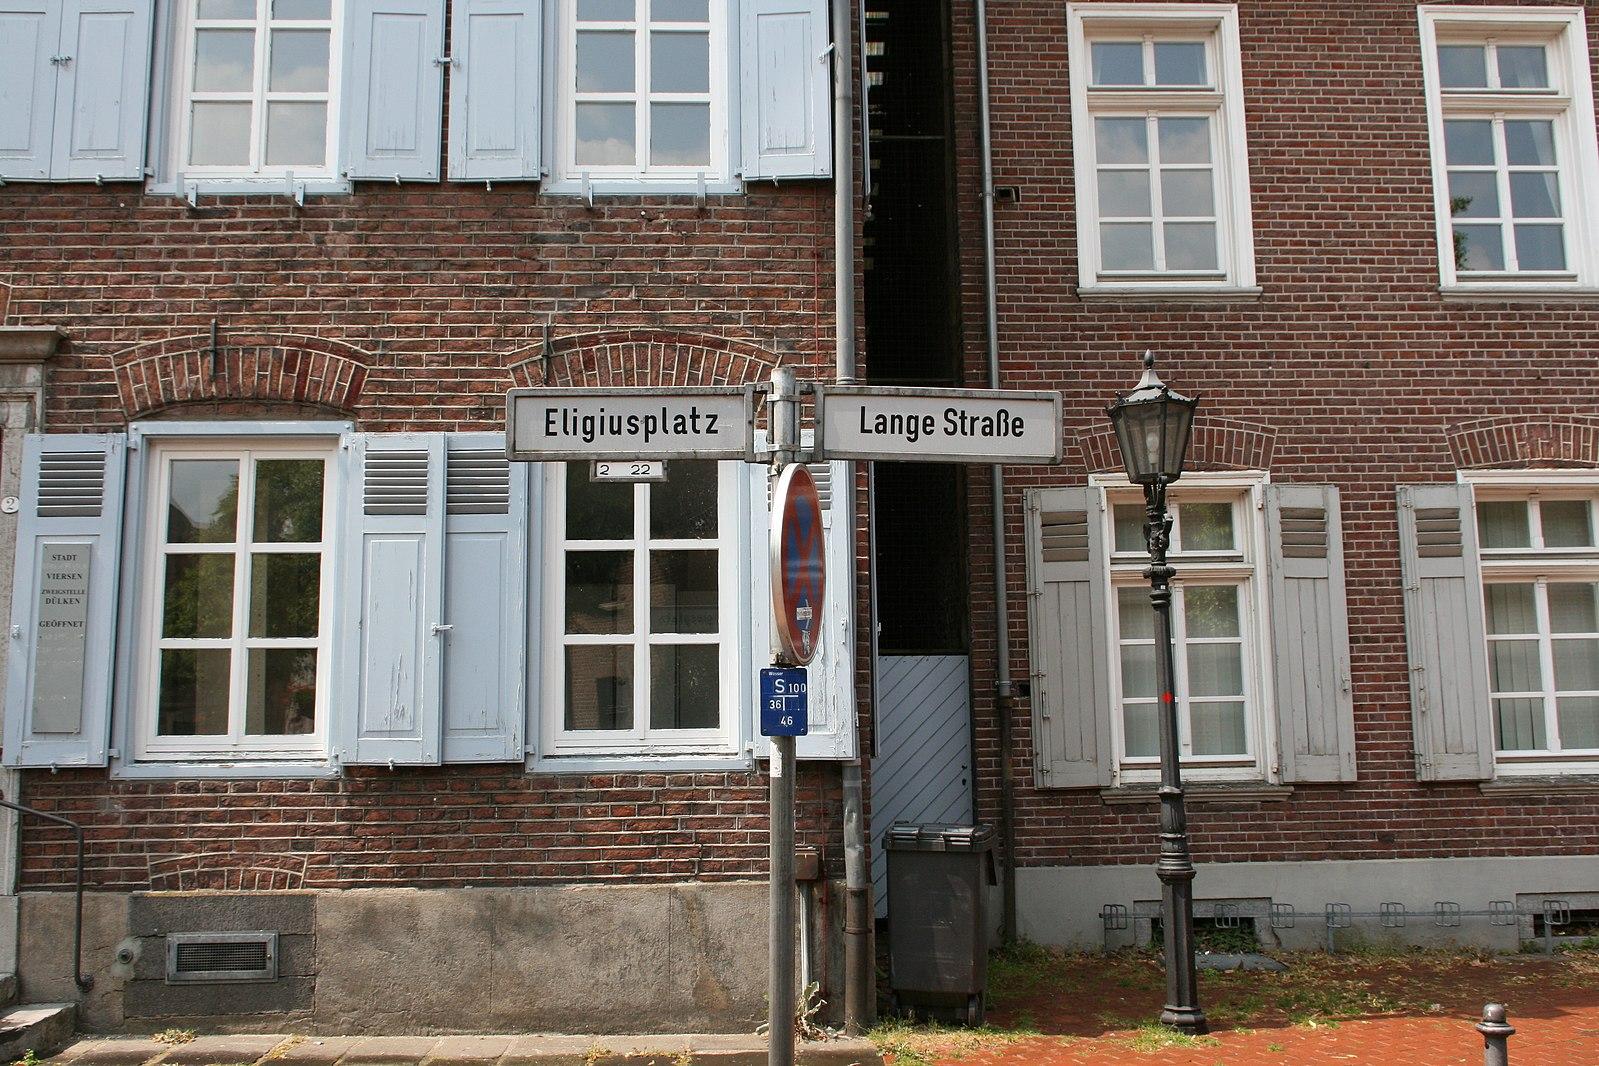 Viersen_Dülken_-_Eligiusplatz-Lange_Straße_01_ies